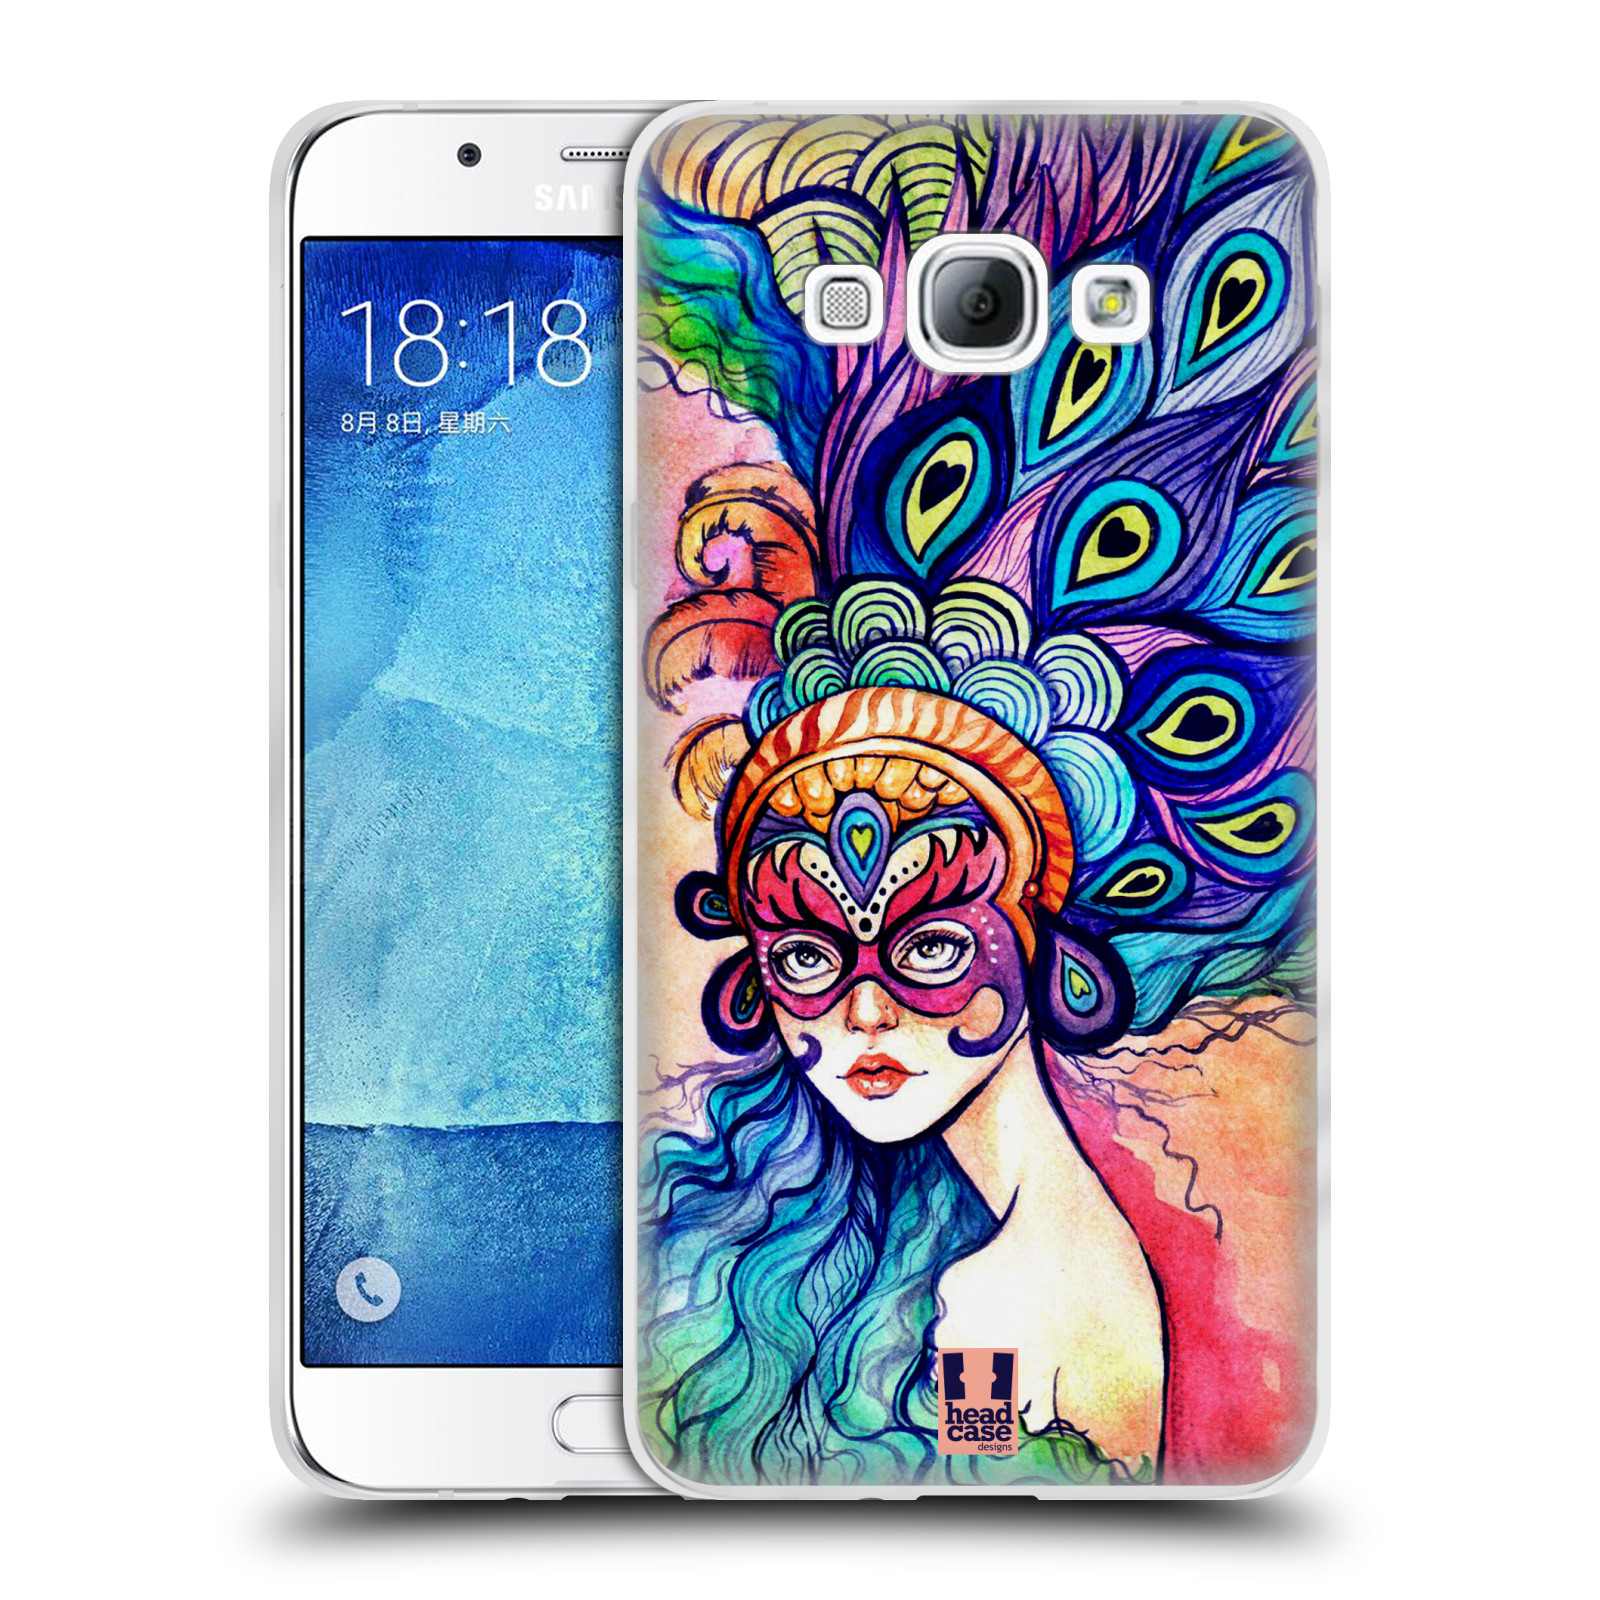 HEAD CASE silikonový obal na mobil Samsung Galaxy A8 vzor Maškarní ples masky kreslené vzory MODRÉ PÍRKA